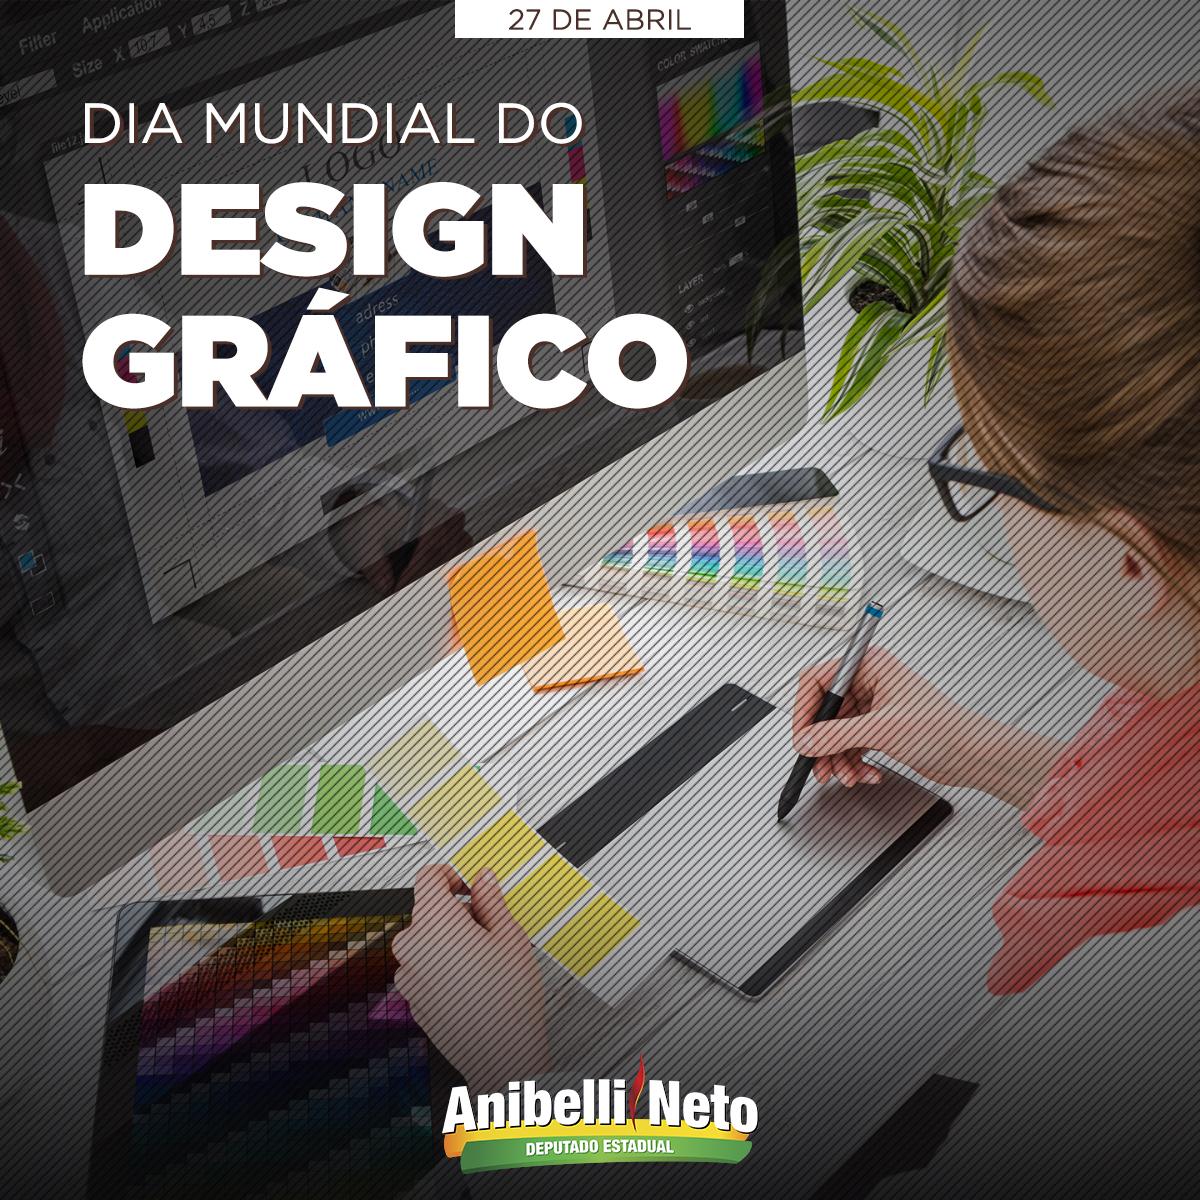 Dia Mundial do Design Gráfico